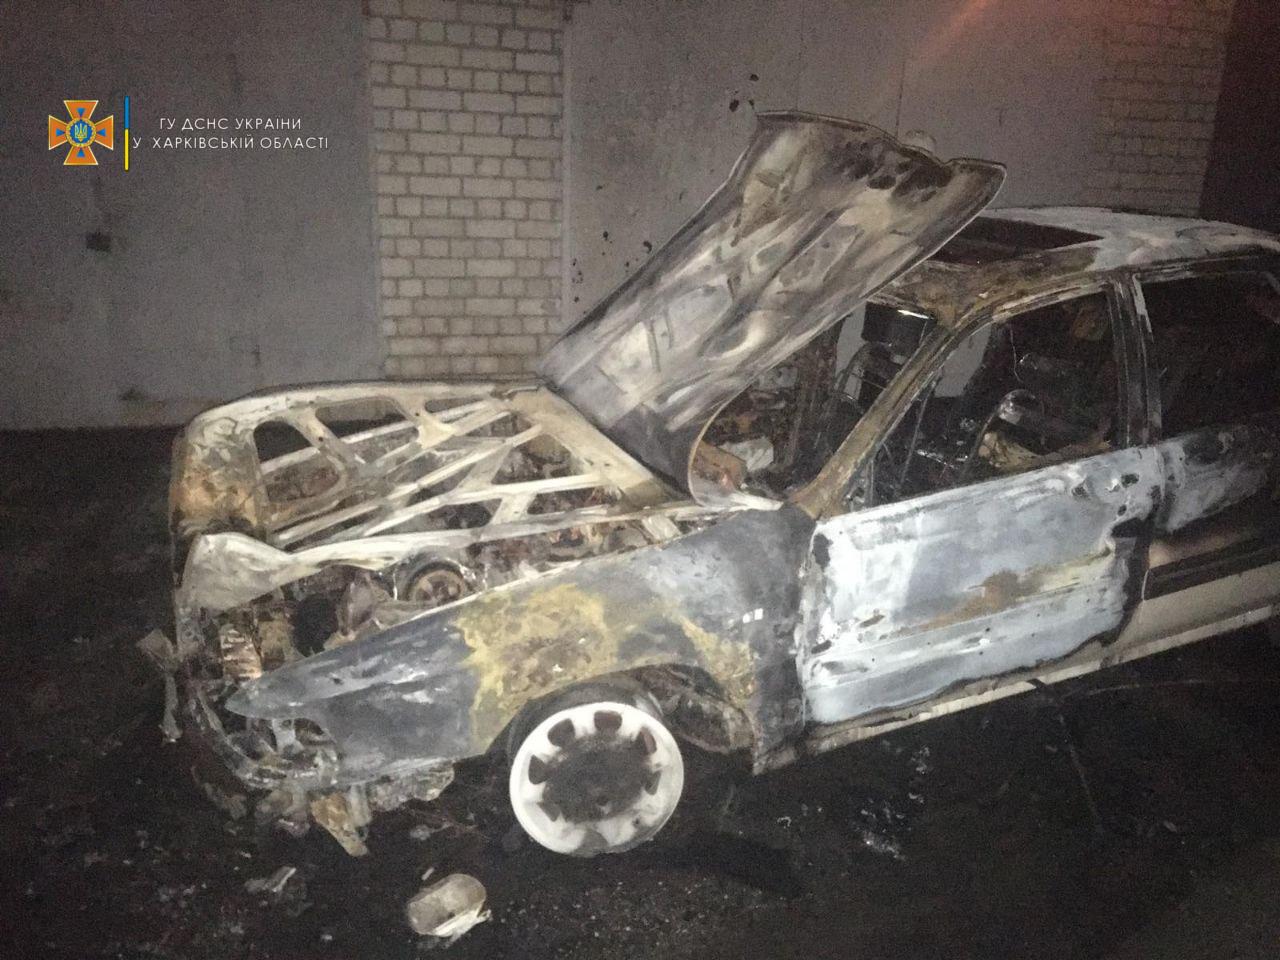 """Автомобиль горел прямо в гаражном кооперативе """"Метеор"""""""